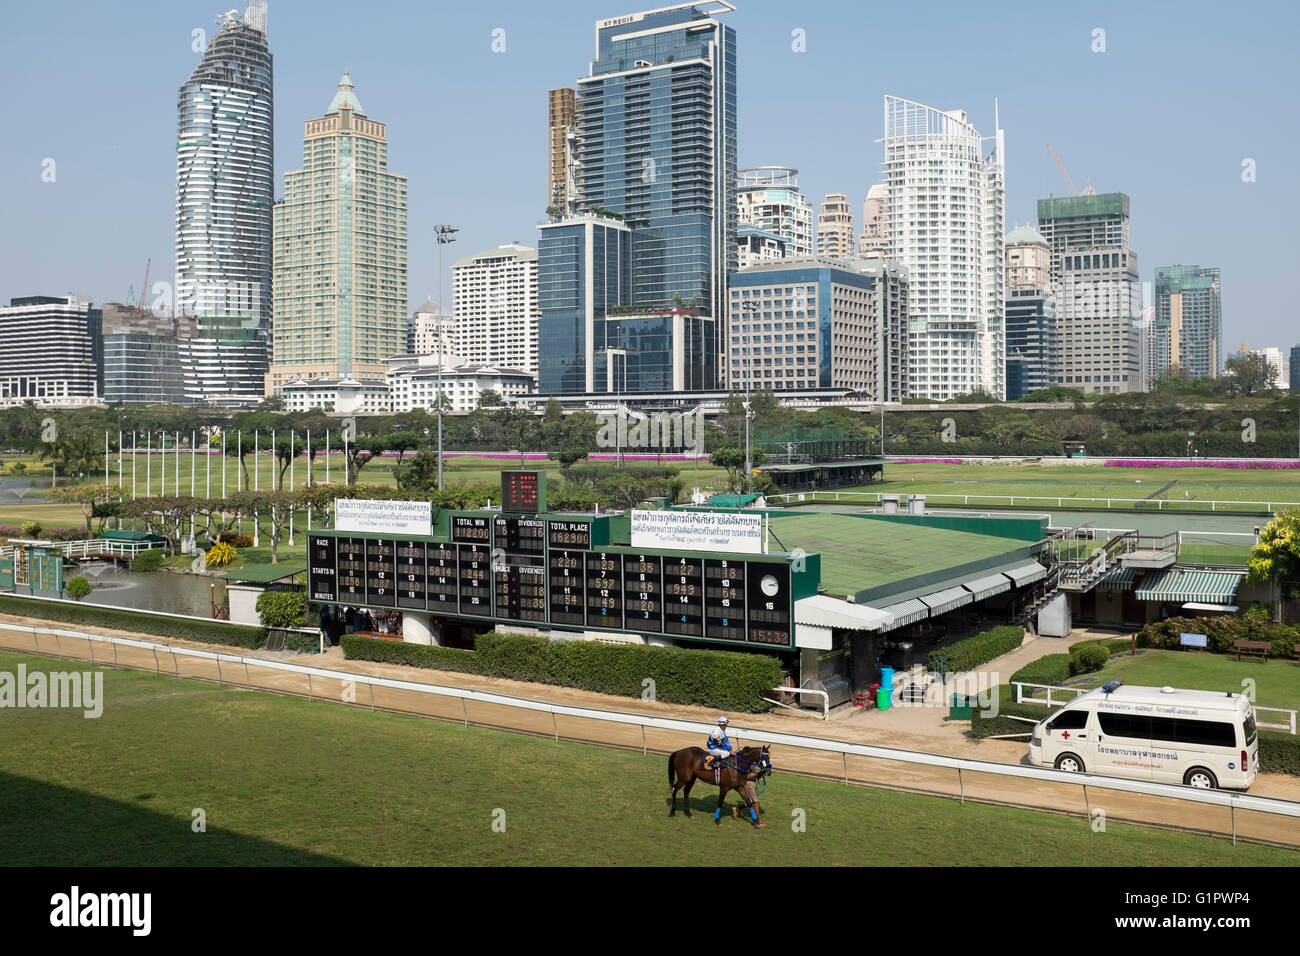 Horse Racing at the Royal Bangkok Sports Club in Bangkok Thailand - Stock Image